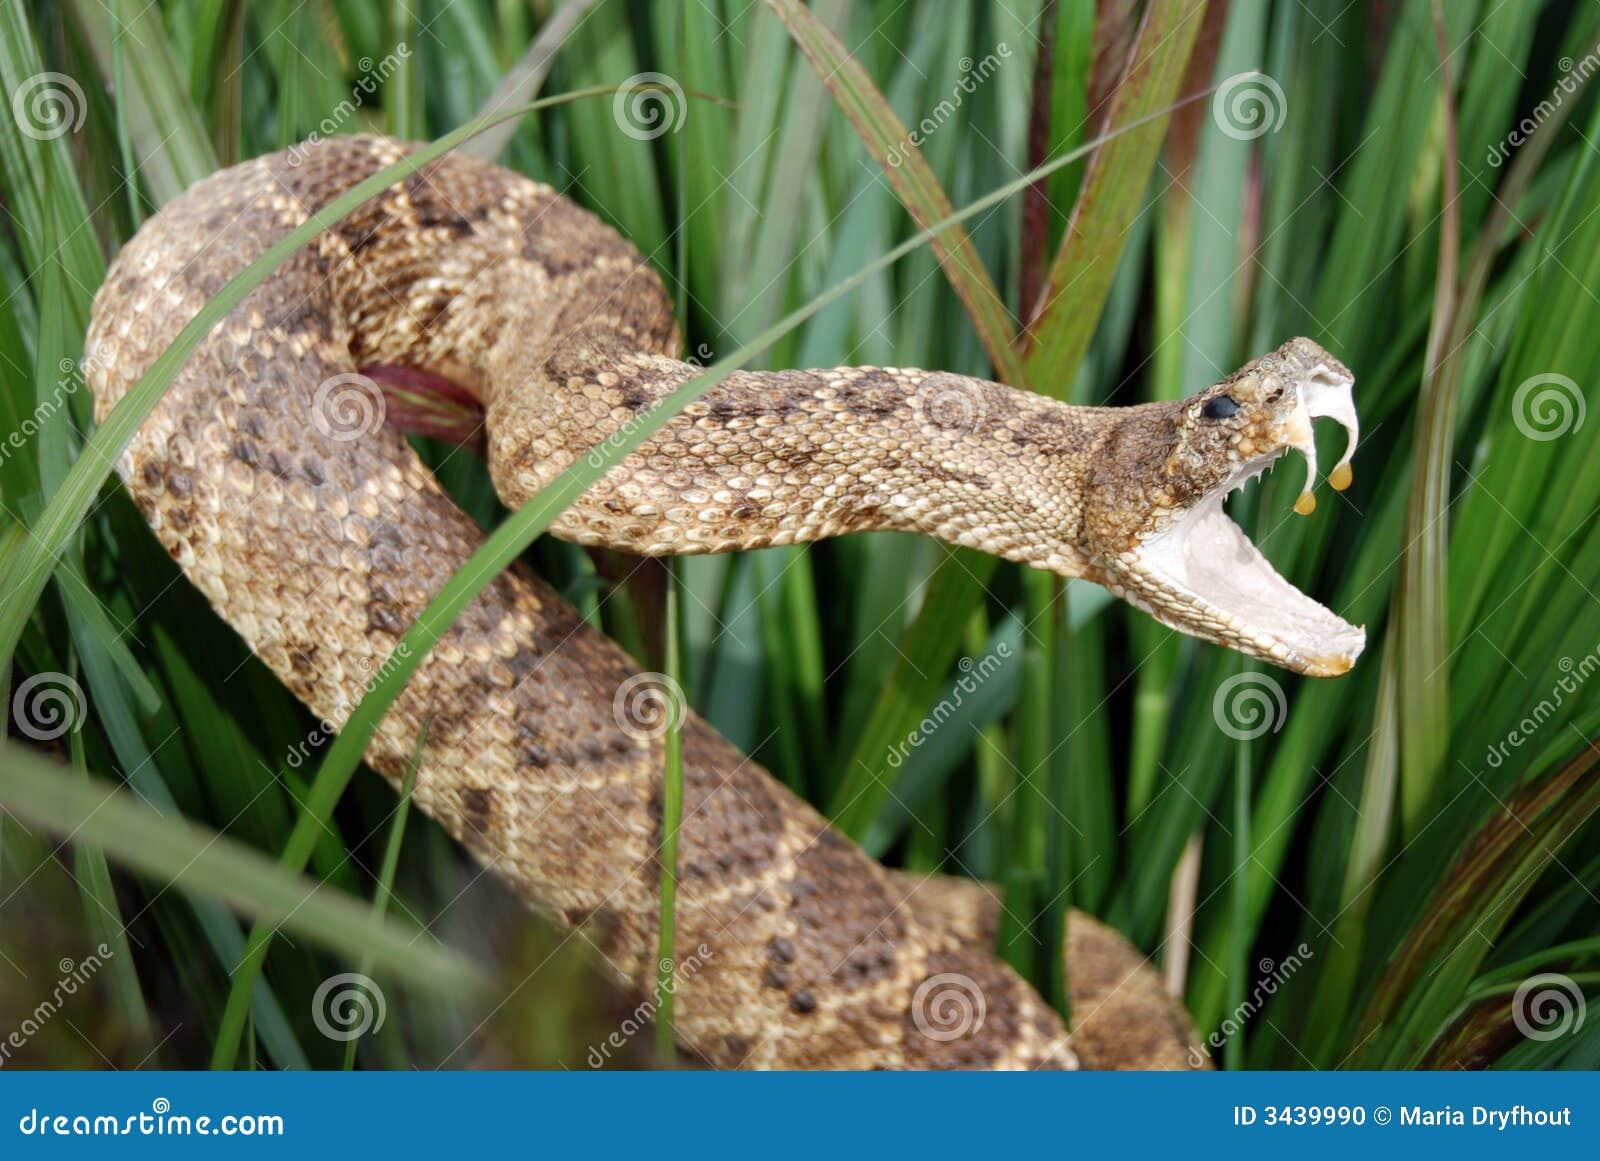 Podstępny wąż